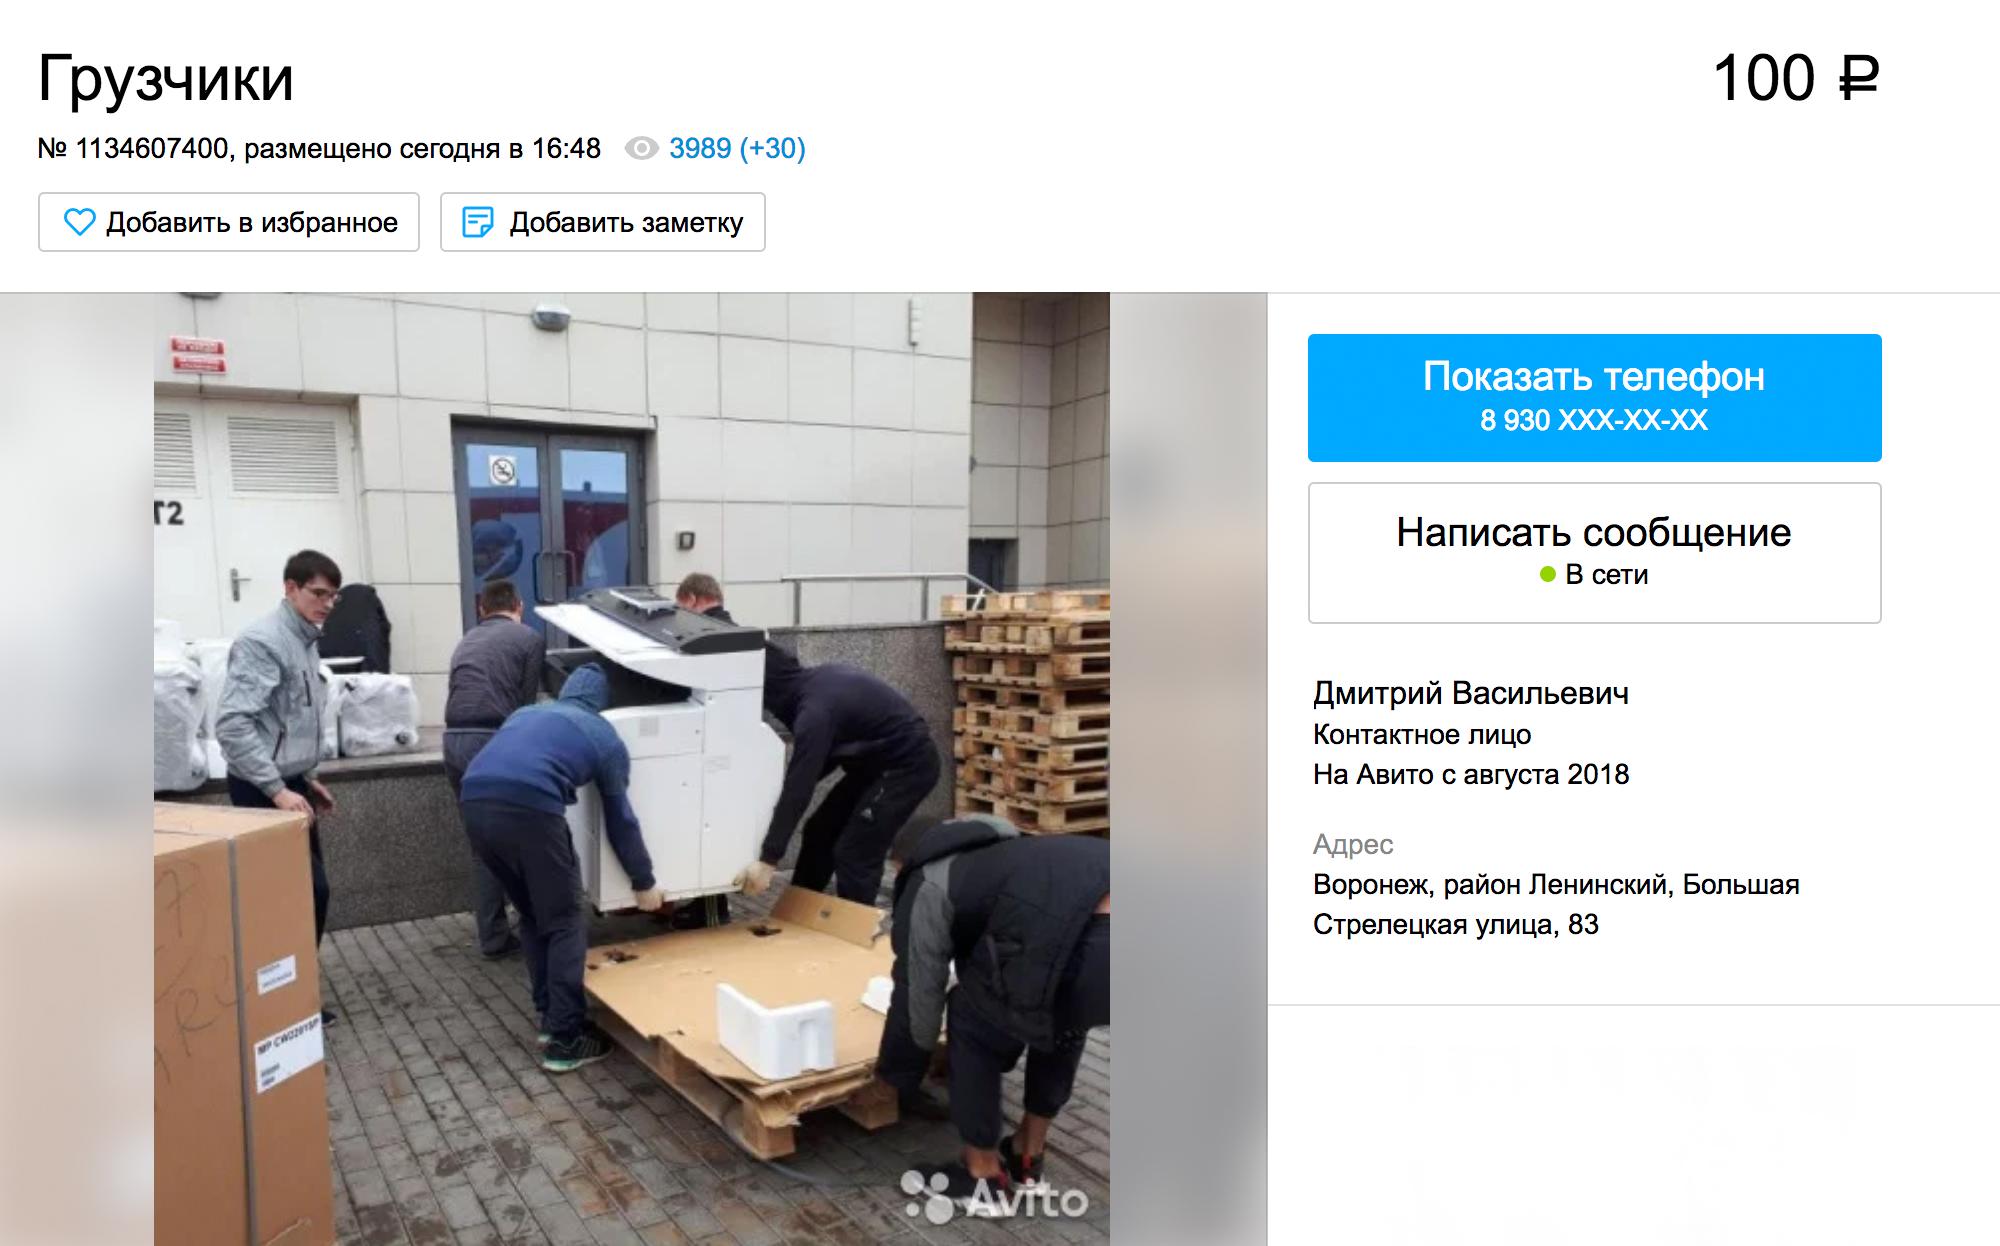 Пример низкой оплаты труда. Если устроиться к этому работодателю, зарплата будет 100 рублей в час. День тяжелого физического труда — 800 рублей